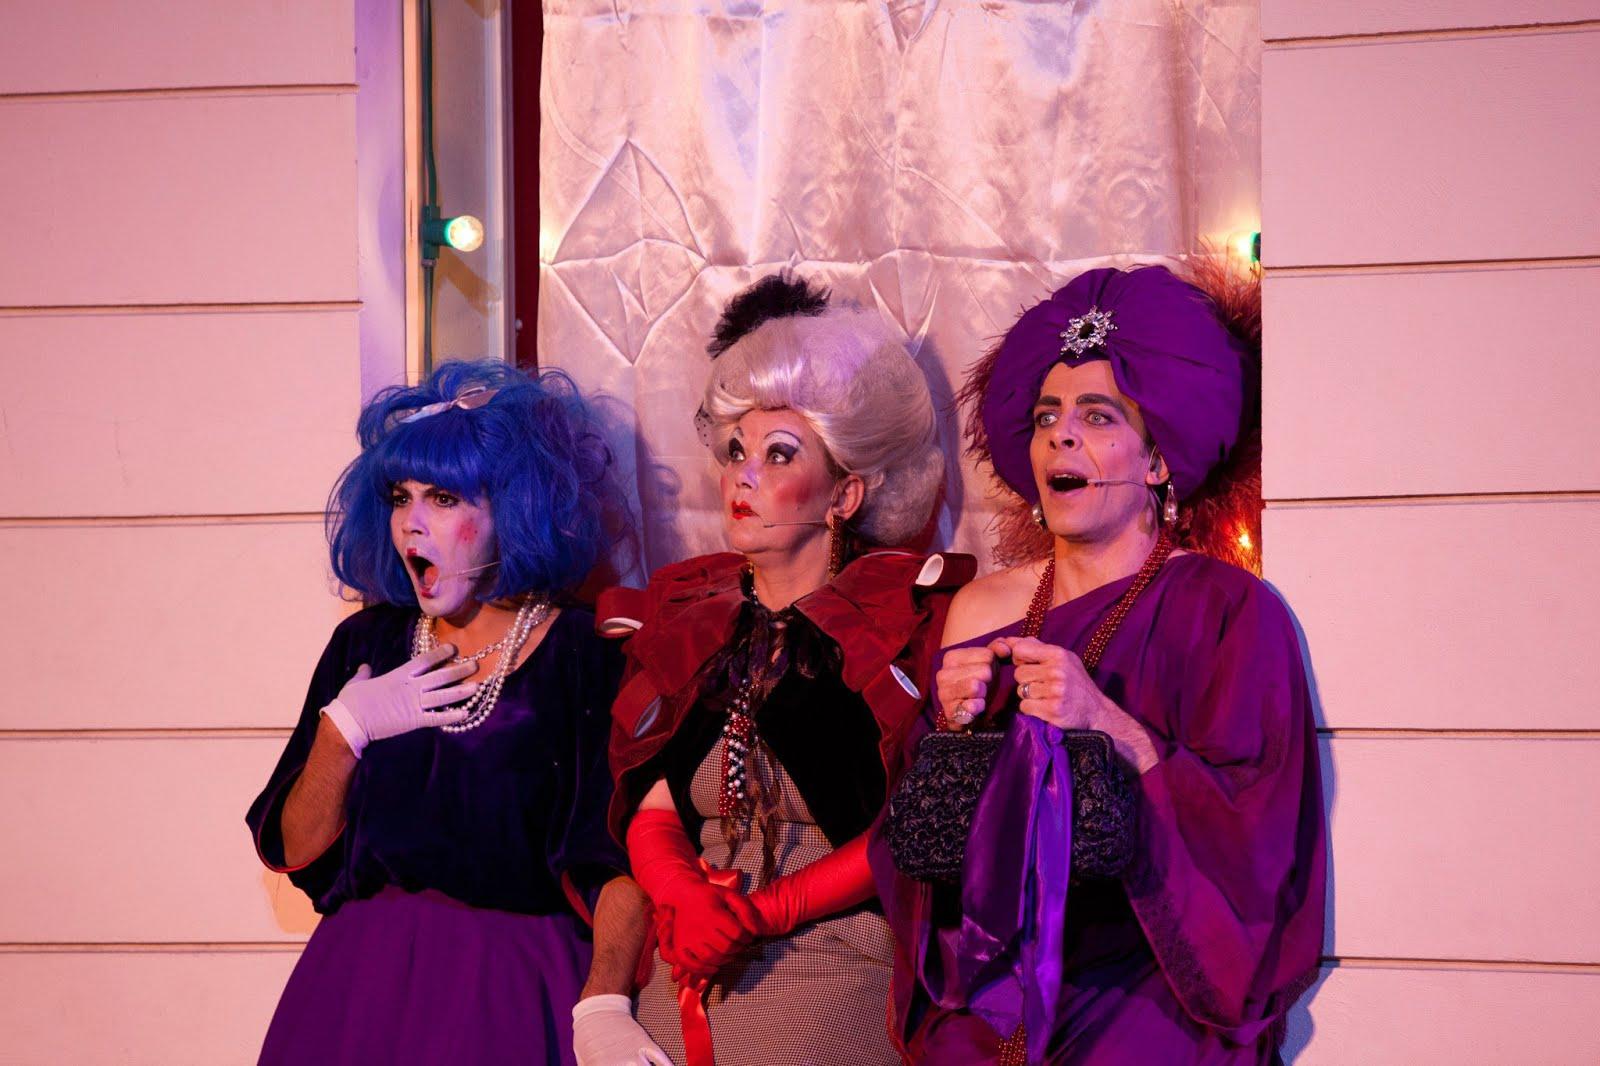 Comédie musicale Les Divas de l'obscur de Stéphane Druet